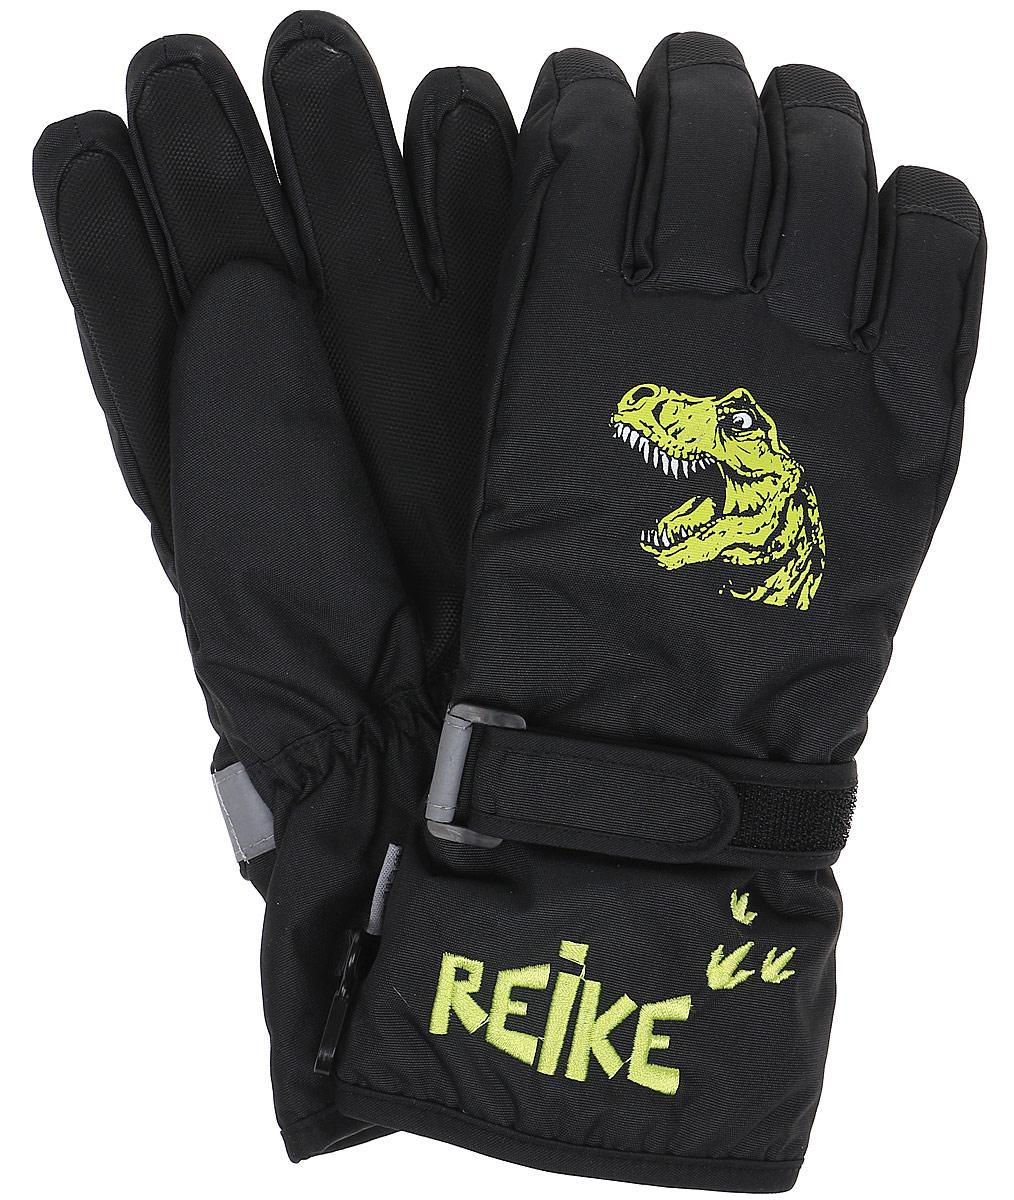 Перчатки для мальчика Reike Динозавр, цвет: черный. RW18_DNS black. Размер 8RW18_DNS blackПерчатки для мальчика Reike Динозавр выполнены из ветрозащитной, водонепроницаемой и дышащей мембранной ткани, декорированной принтом в стиле коллекции. Мягкая подкладка из флиса обеспечивает дополнительный комфорт и тепло. Запястья оформлены резинкой и регулируемой липучкой, ладони и пальцы дополнительно усилены.